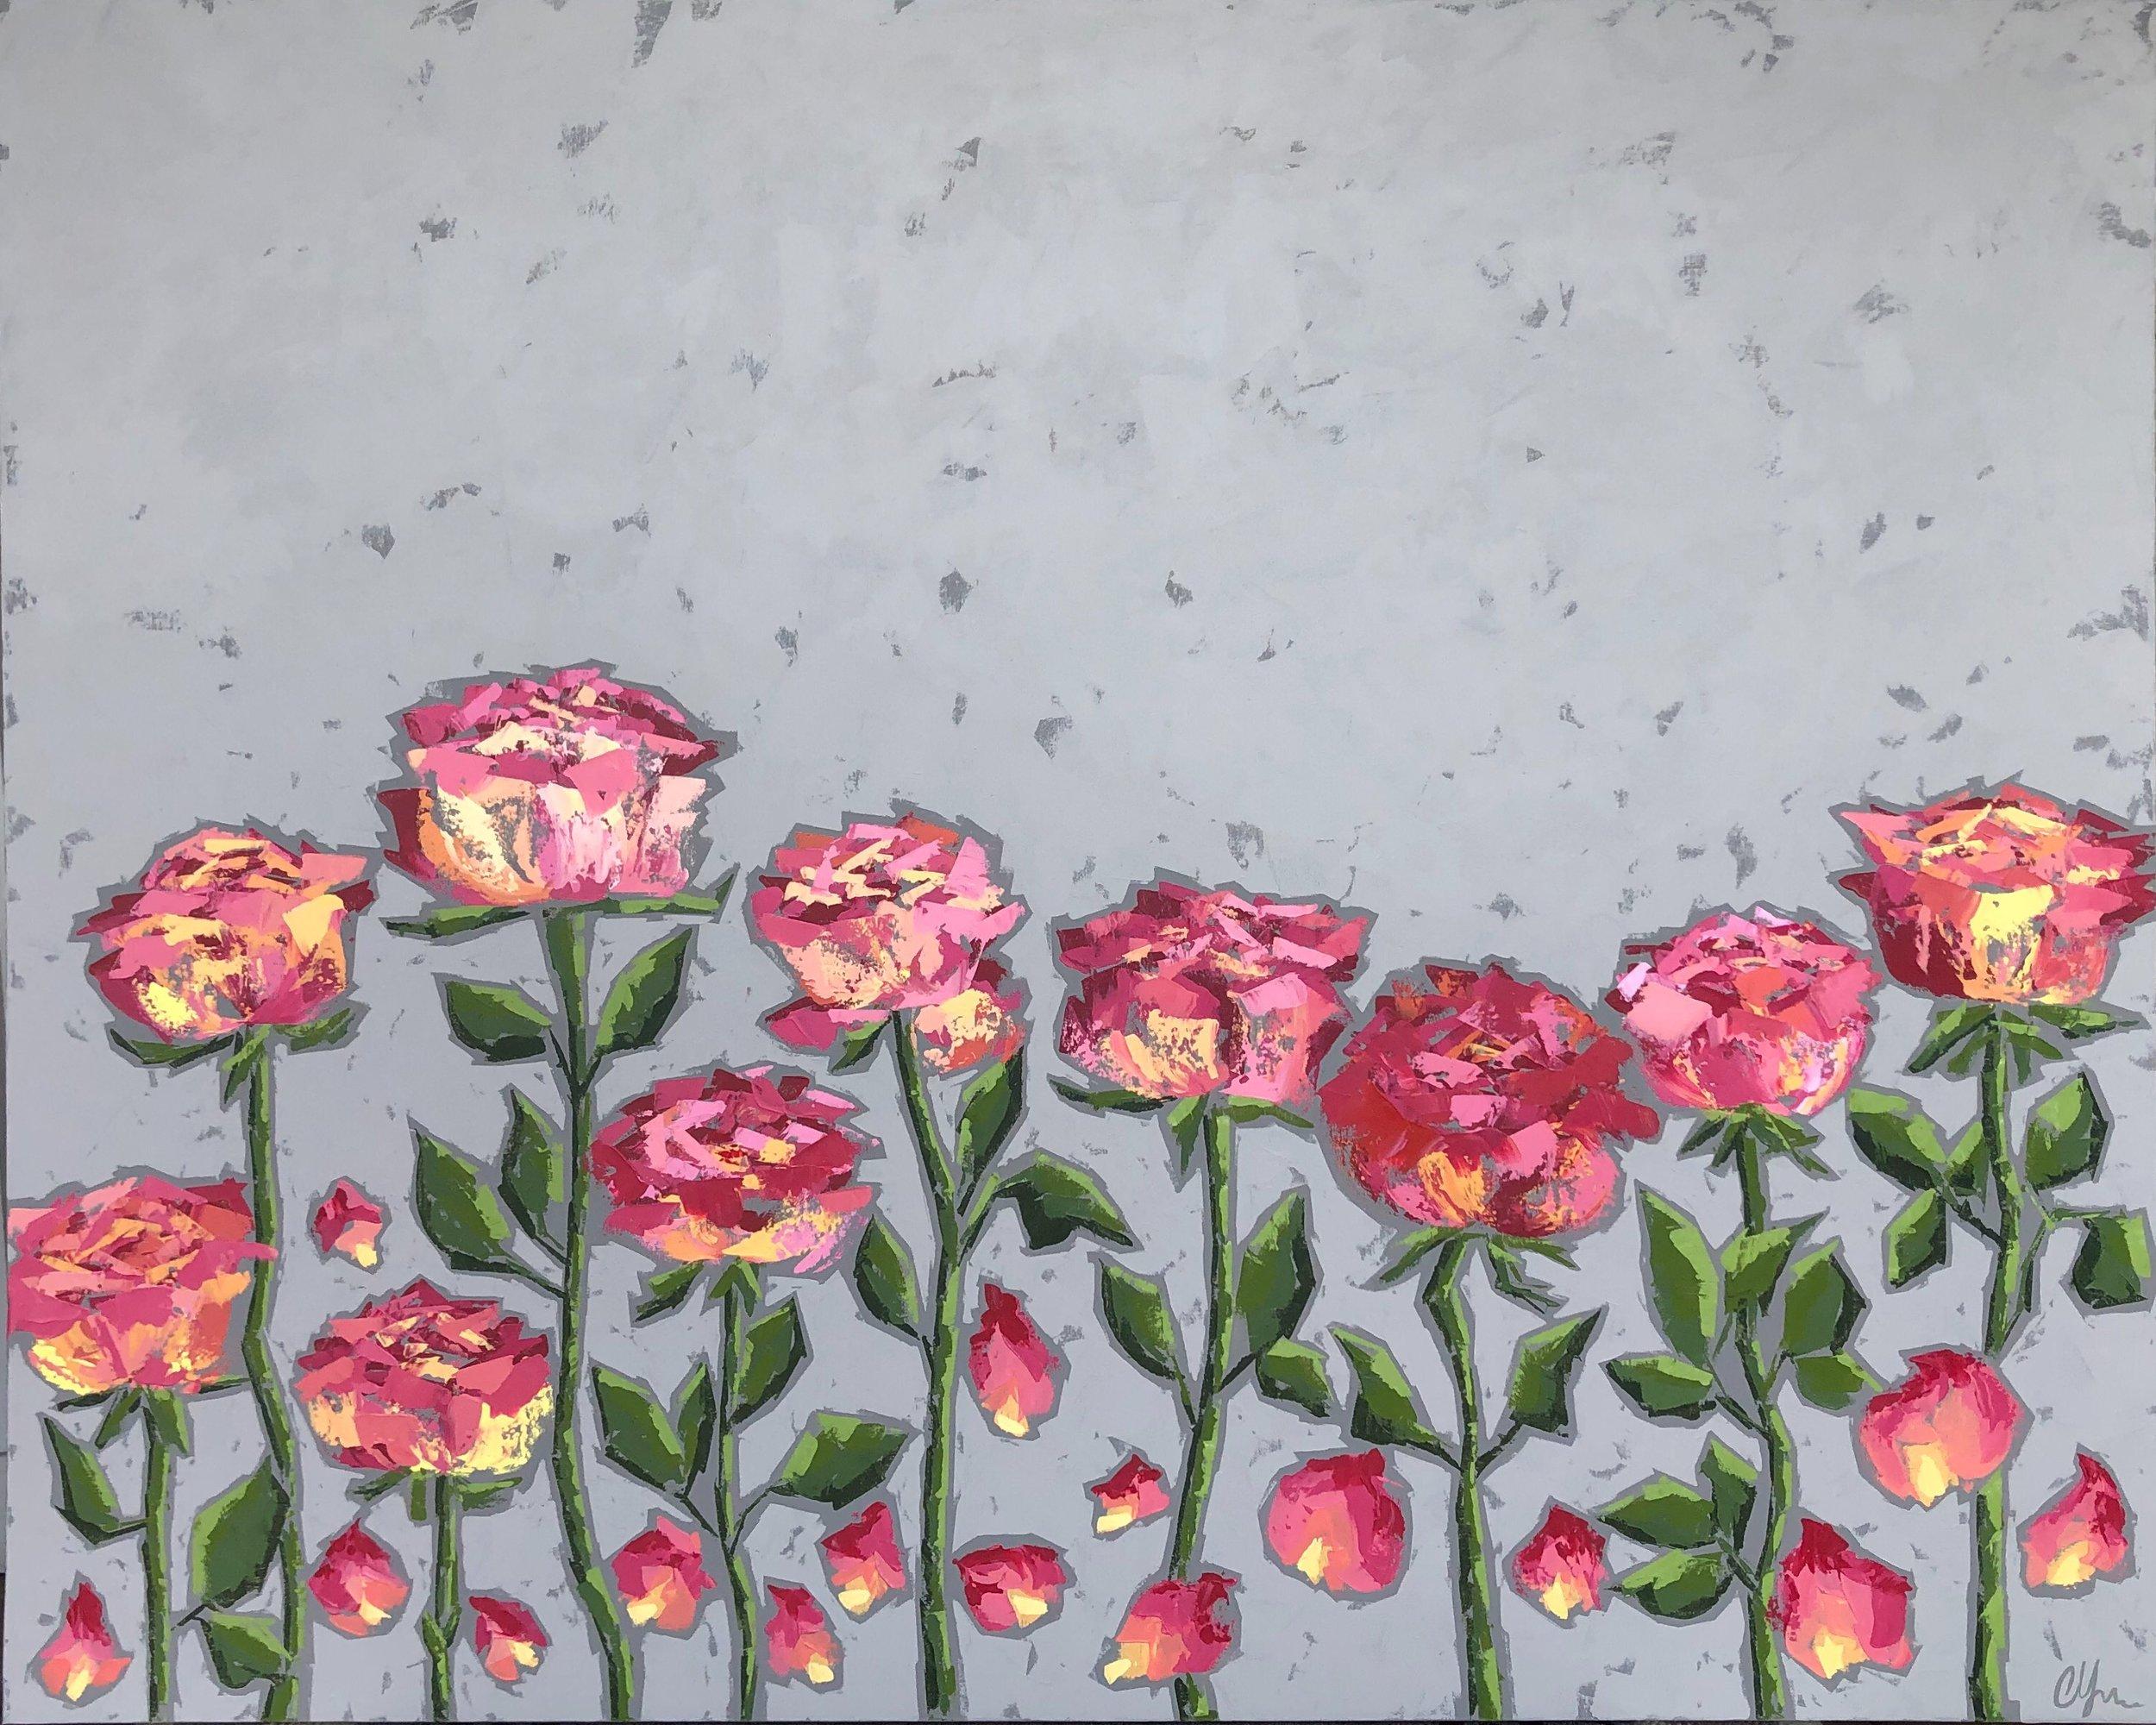 La Vie en Rose 48x60